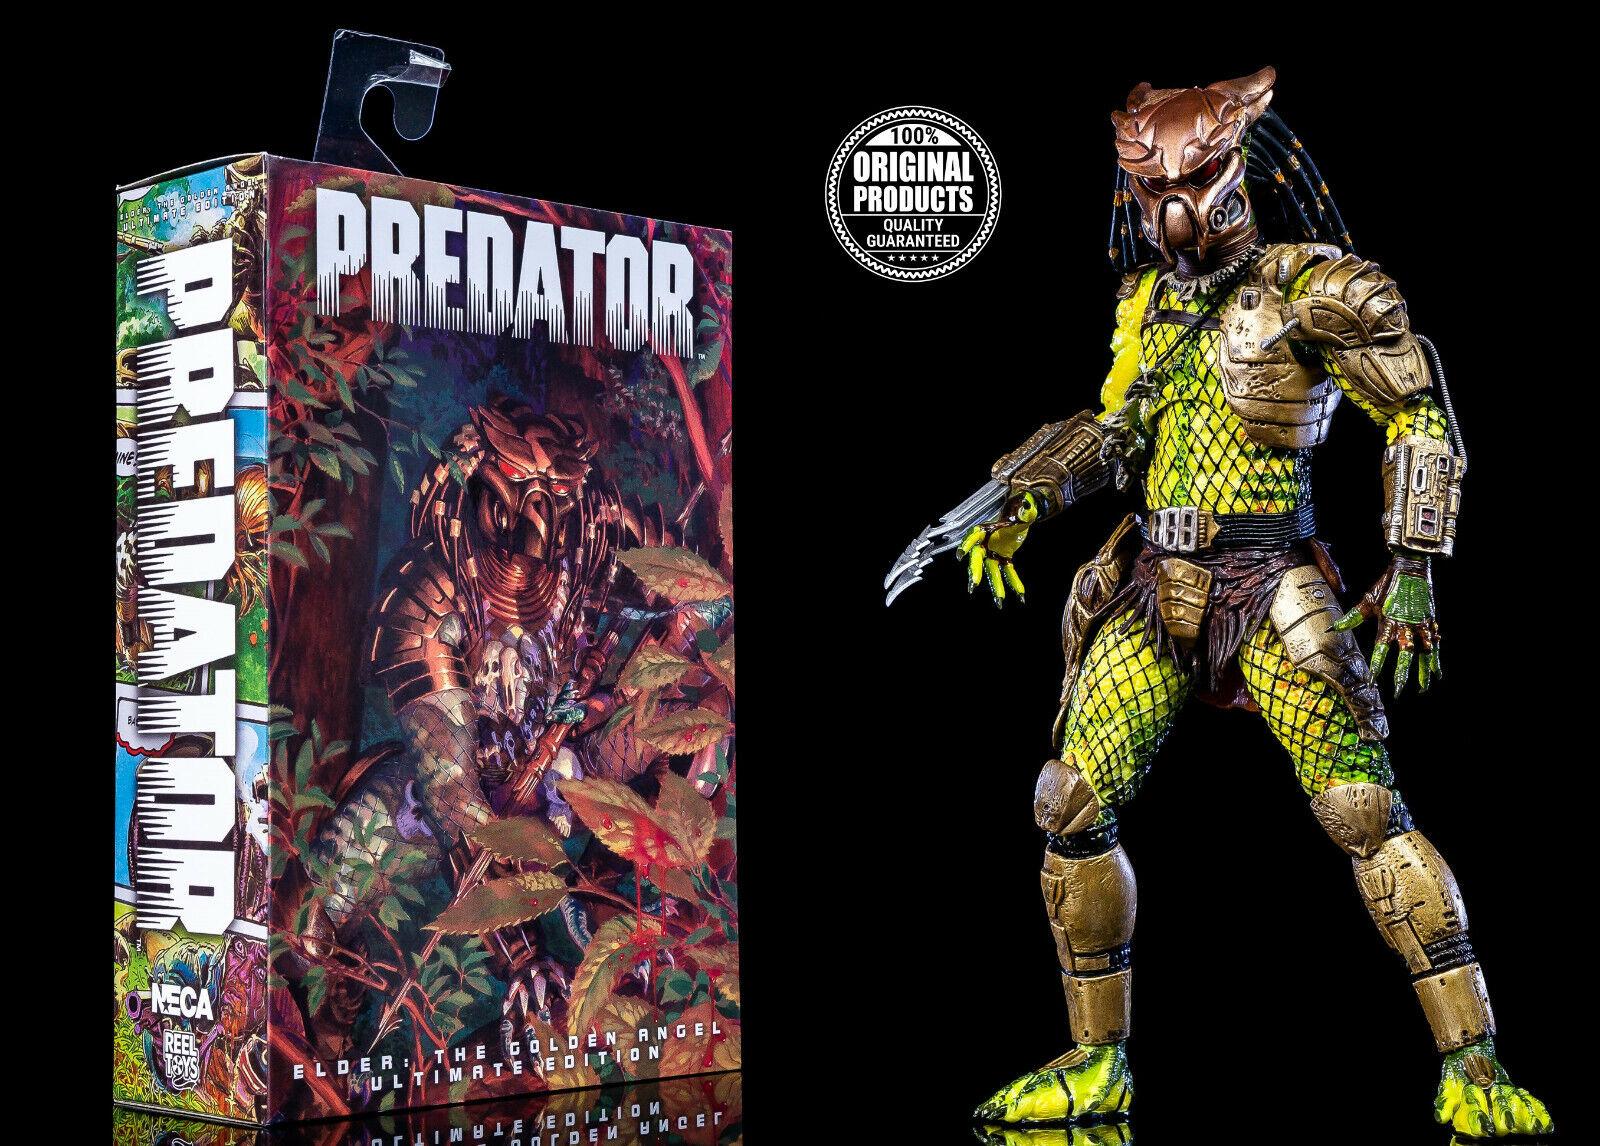 Neca Projoator - Ultimate Elder - The oroen Pesca - Scale Figura de Acción -